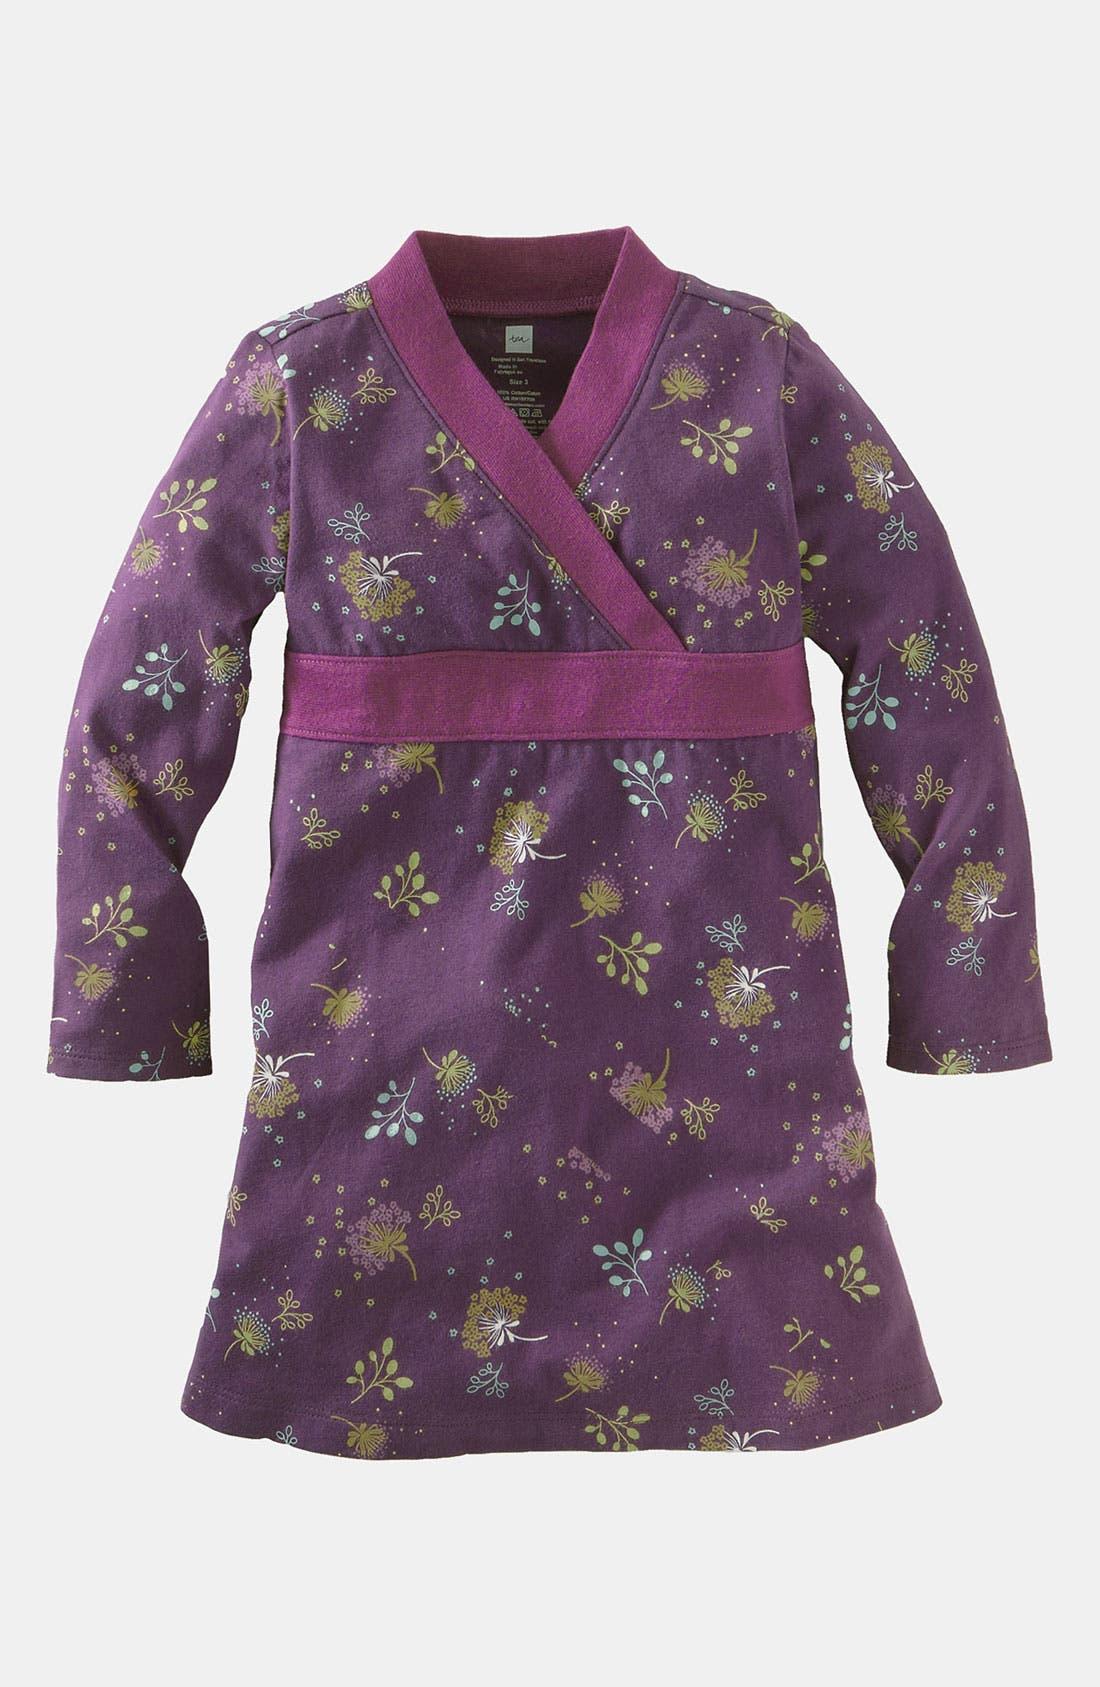 Main Image - Tea Collection 'Juniper' Dress (Little Girls & Big Girls)